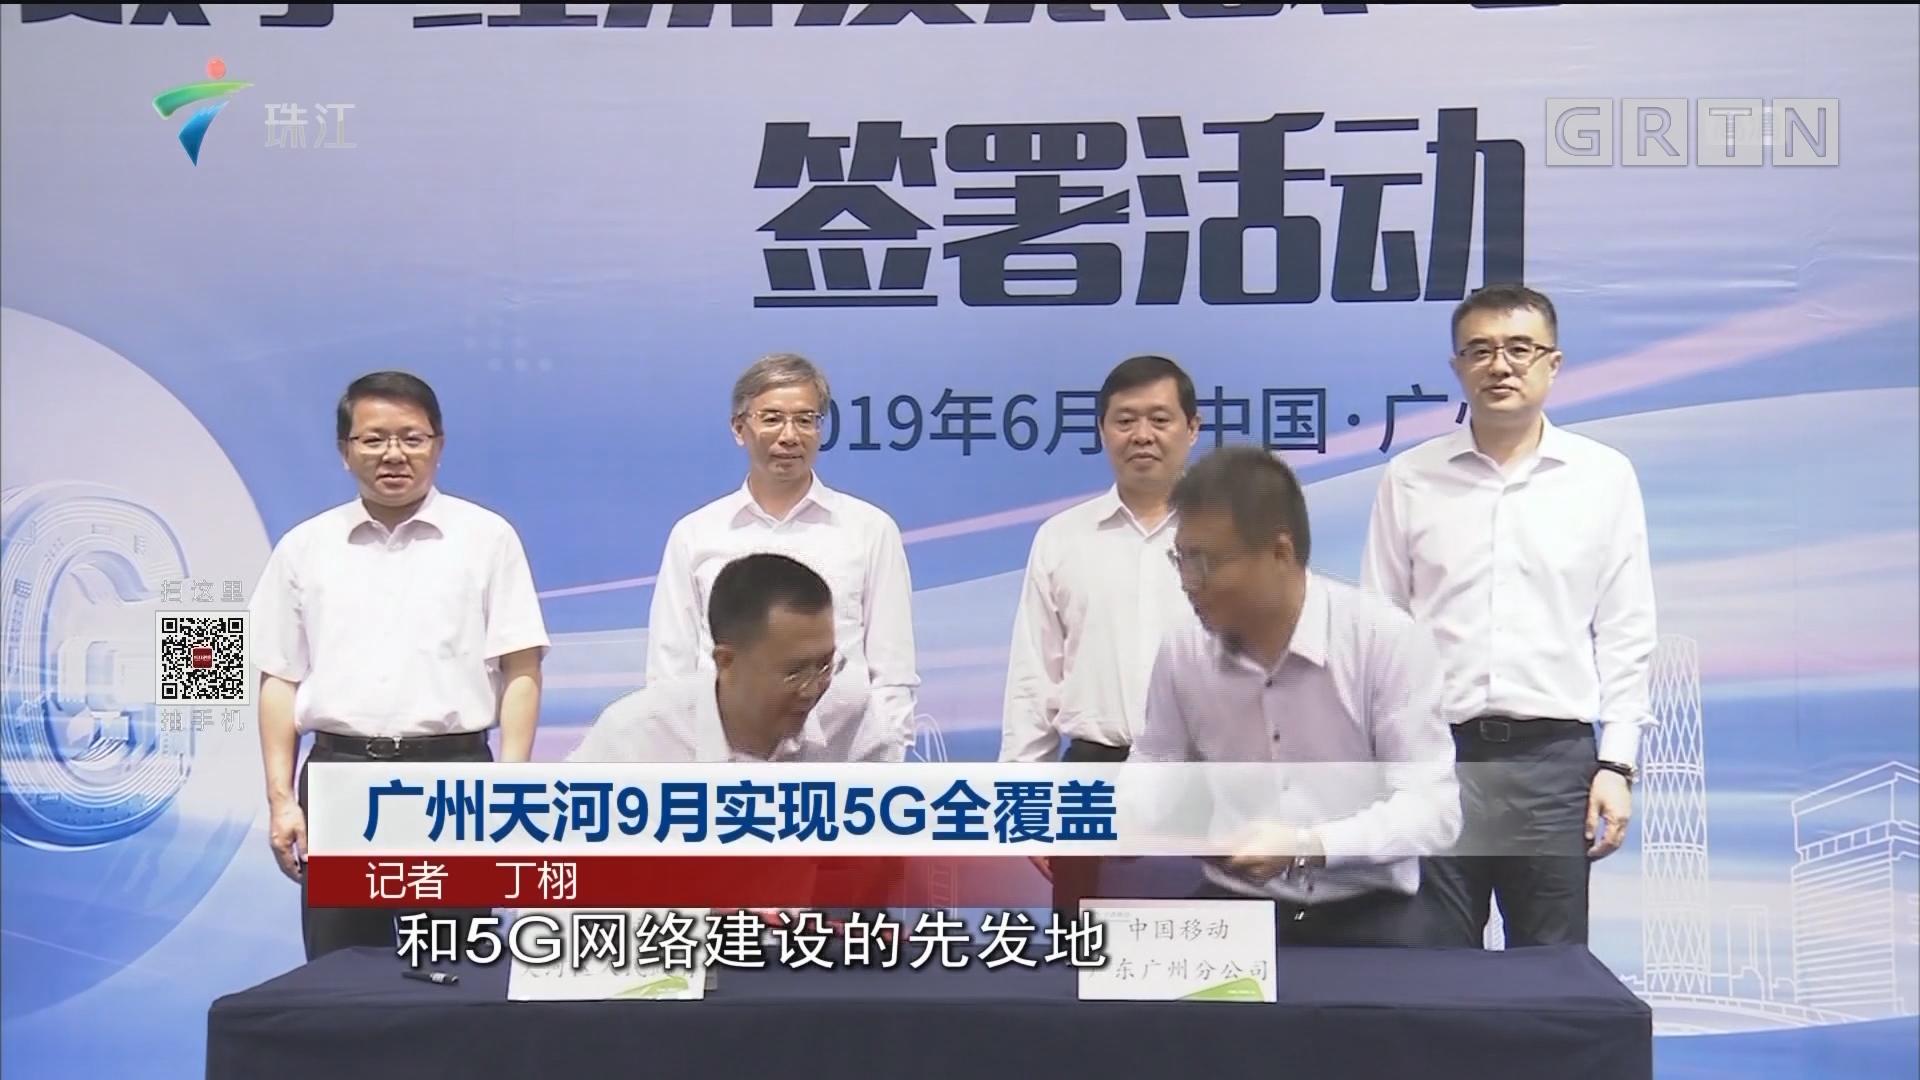 广州天河9月实现5G全覆盖